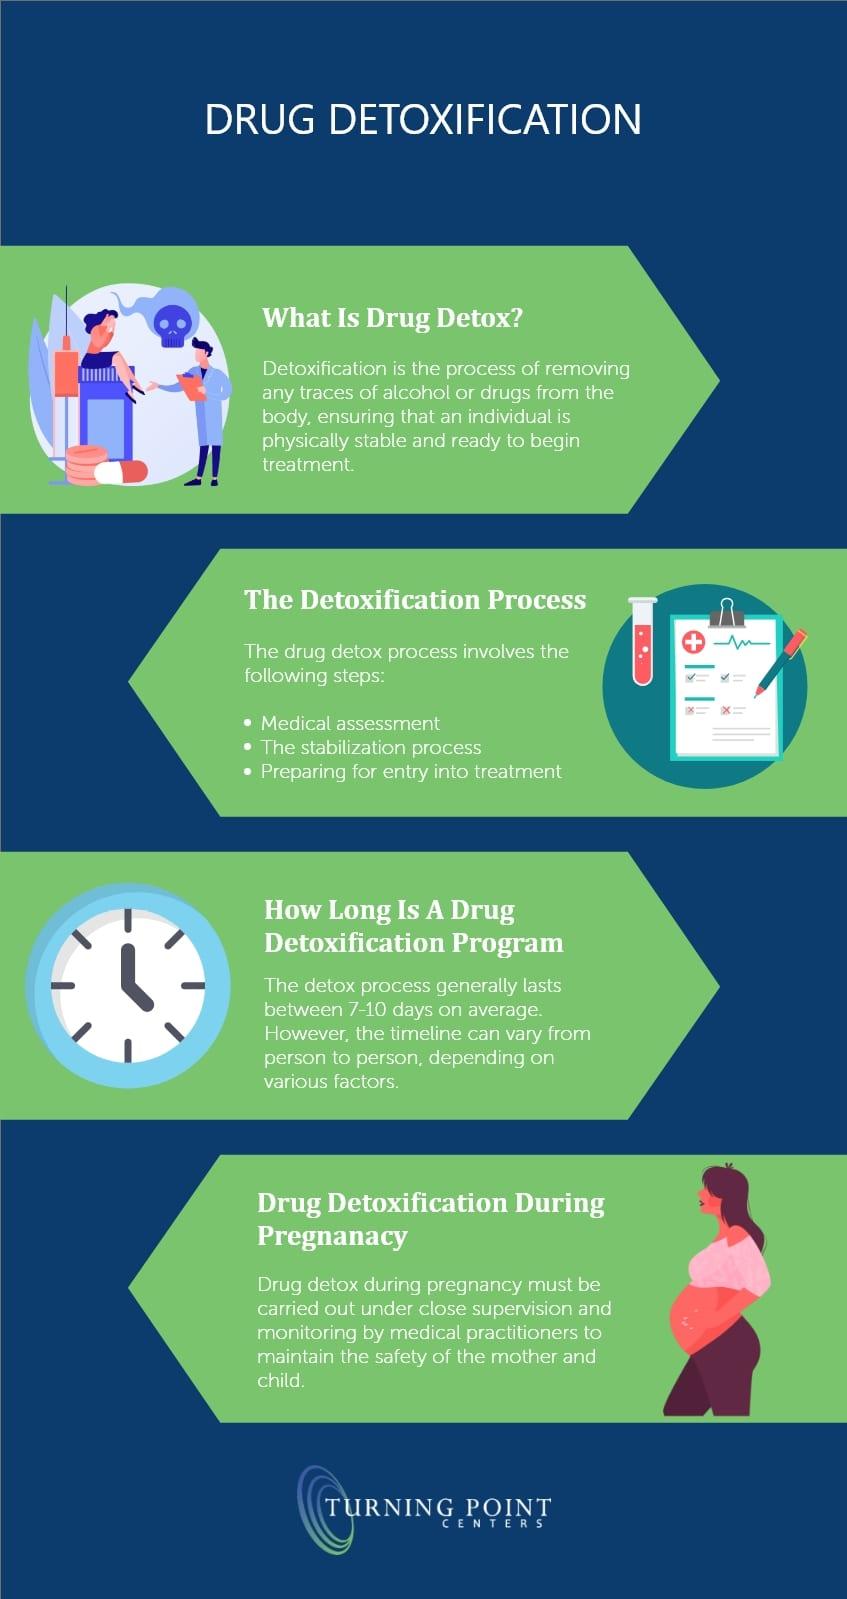 Drug Detoxification - Turning Point